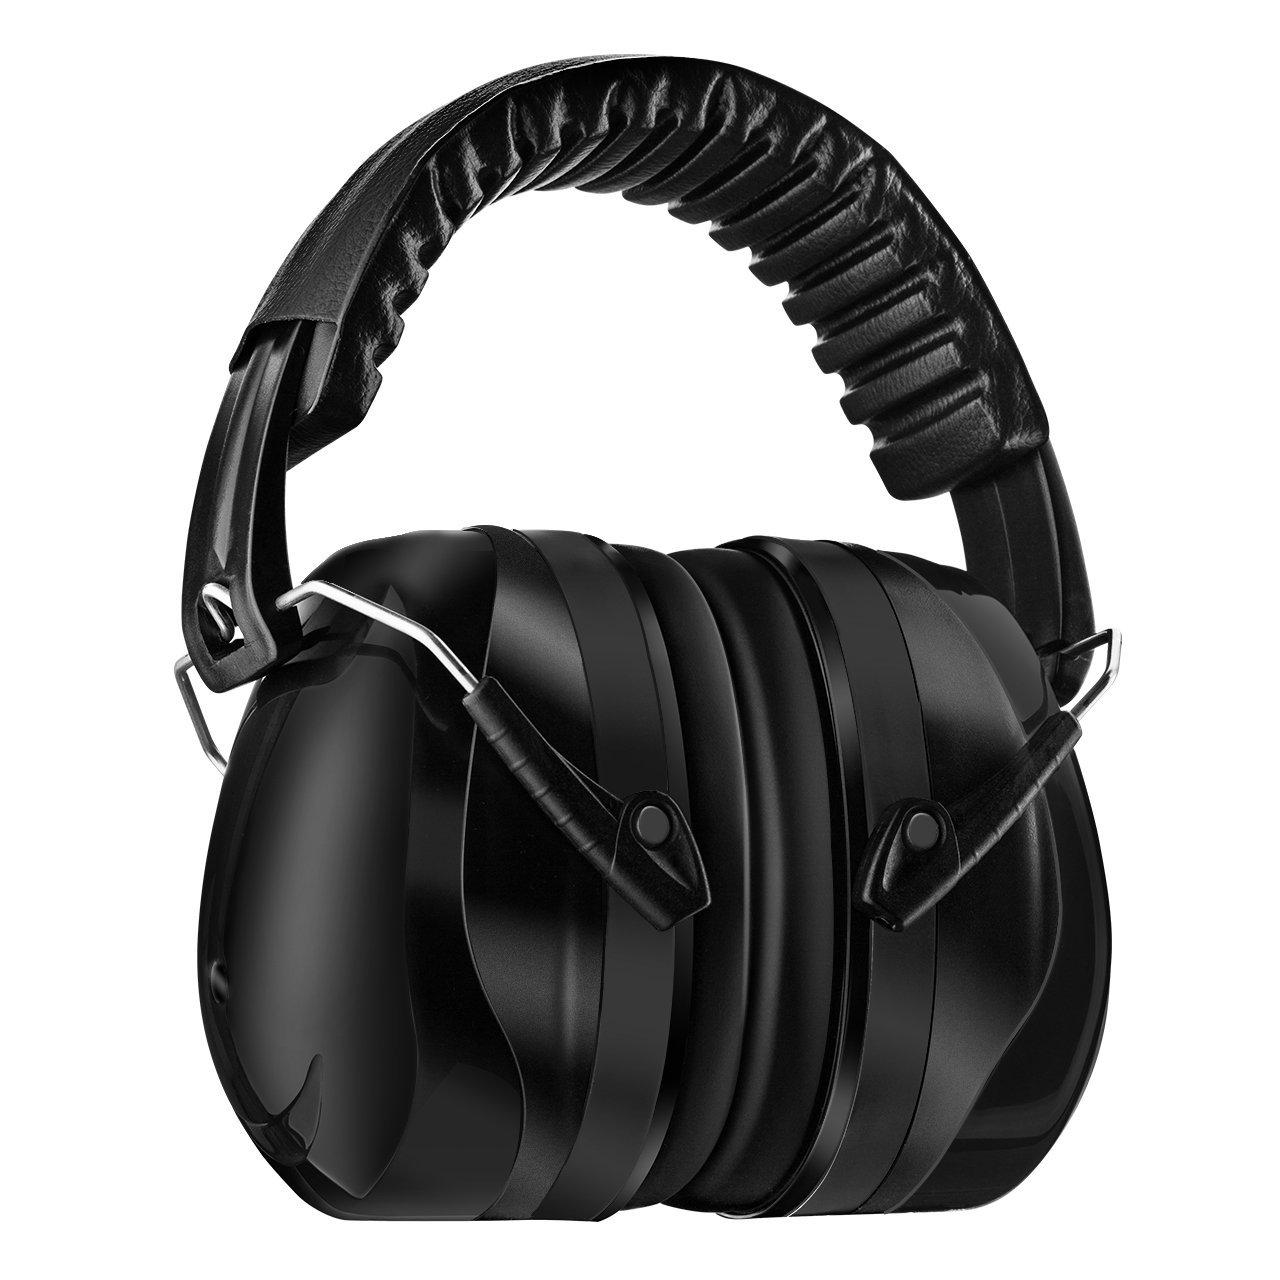 Homitt Ohrenschützer/ Gehörschutz mit verstellbar Kopfbügel für Erwachsene und Kinder inkl. Tragetasche, Anti-noise Kapselgehörschutz, Sicherheit Ear Muffs Headband Ohrenschutz, Anti-lärm bis SNR 34dB, geeignet für Bau, Schießen und Jagd, schwarz